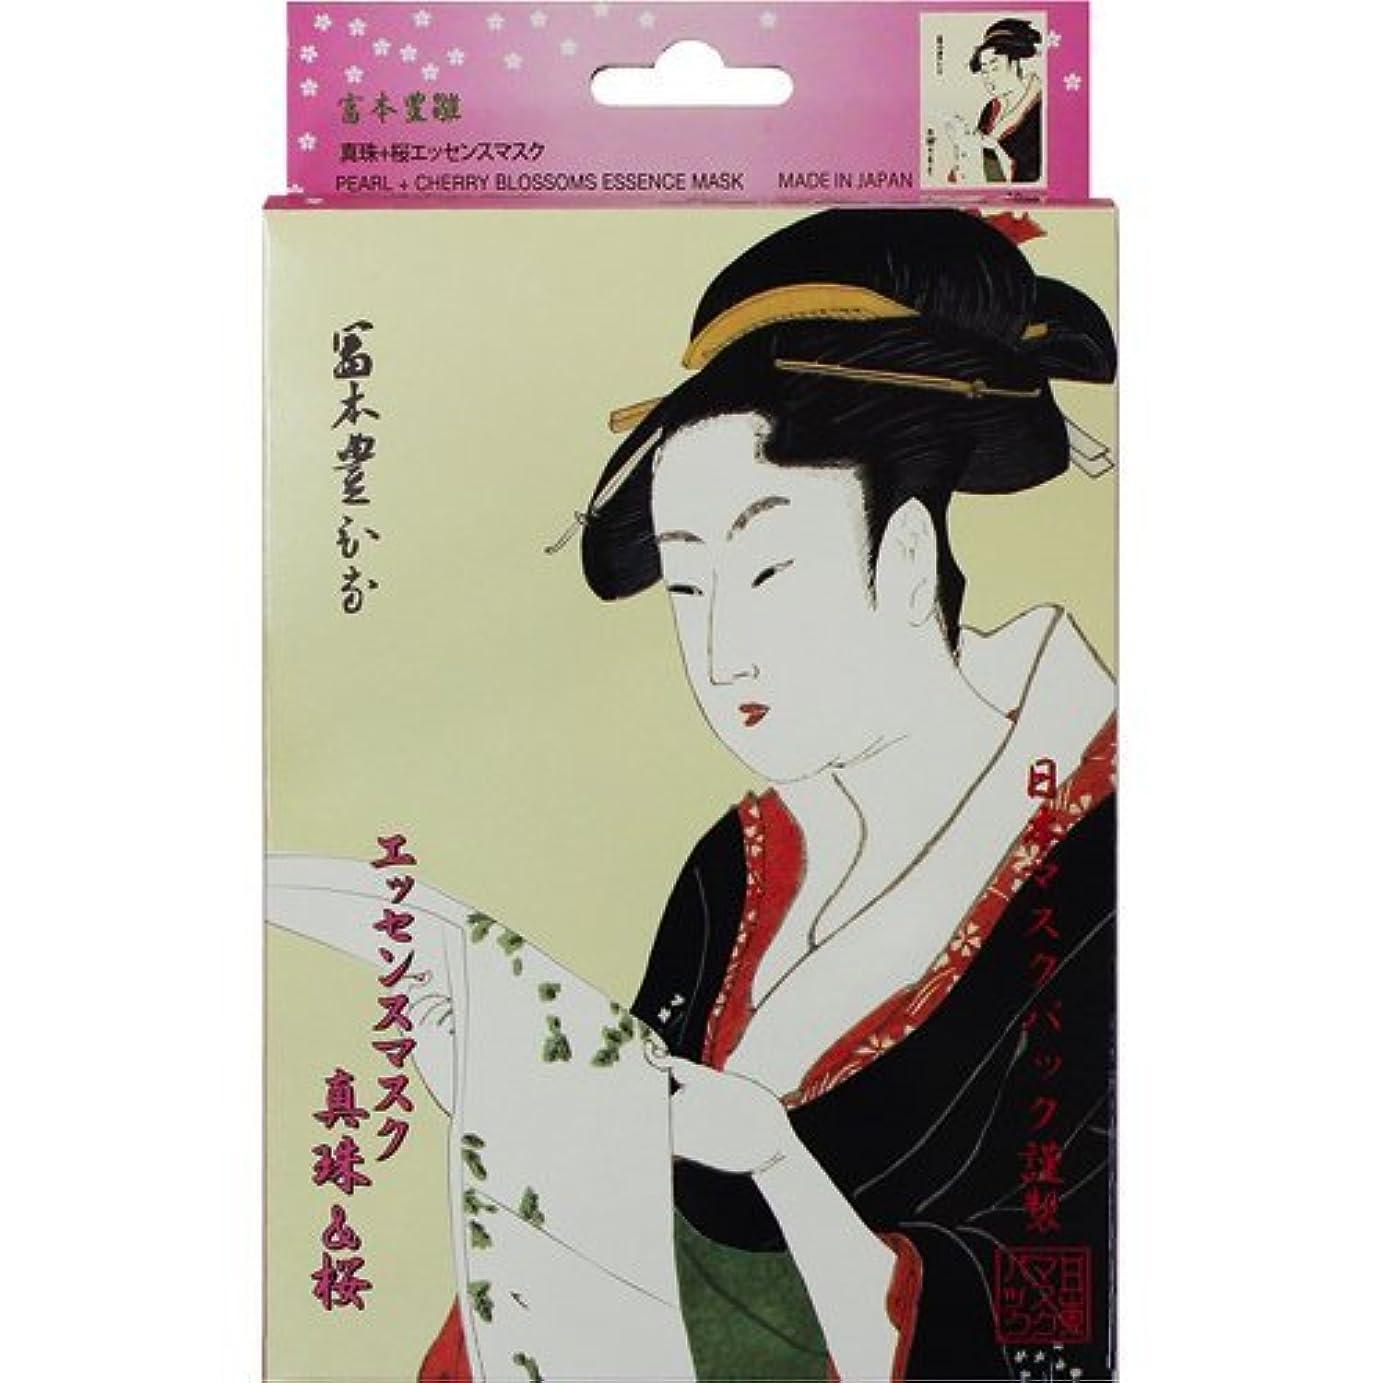 エッセンスマスク +桜10枚